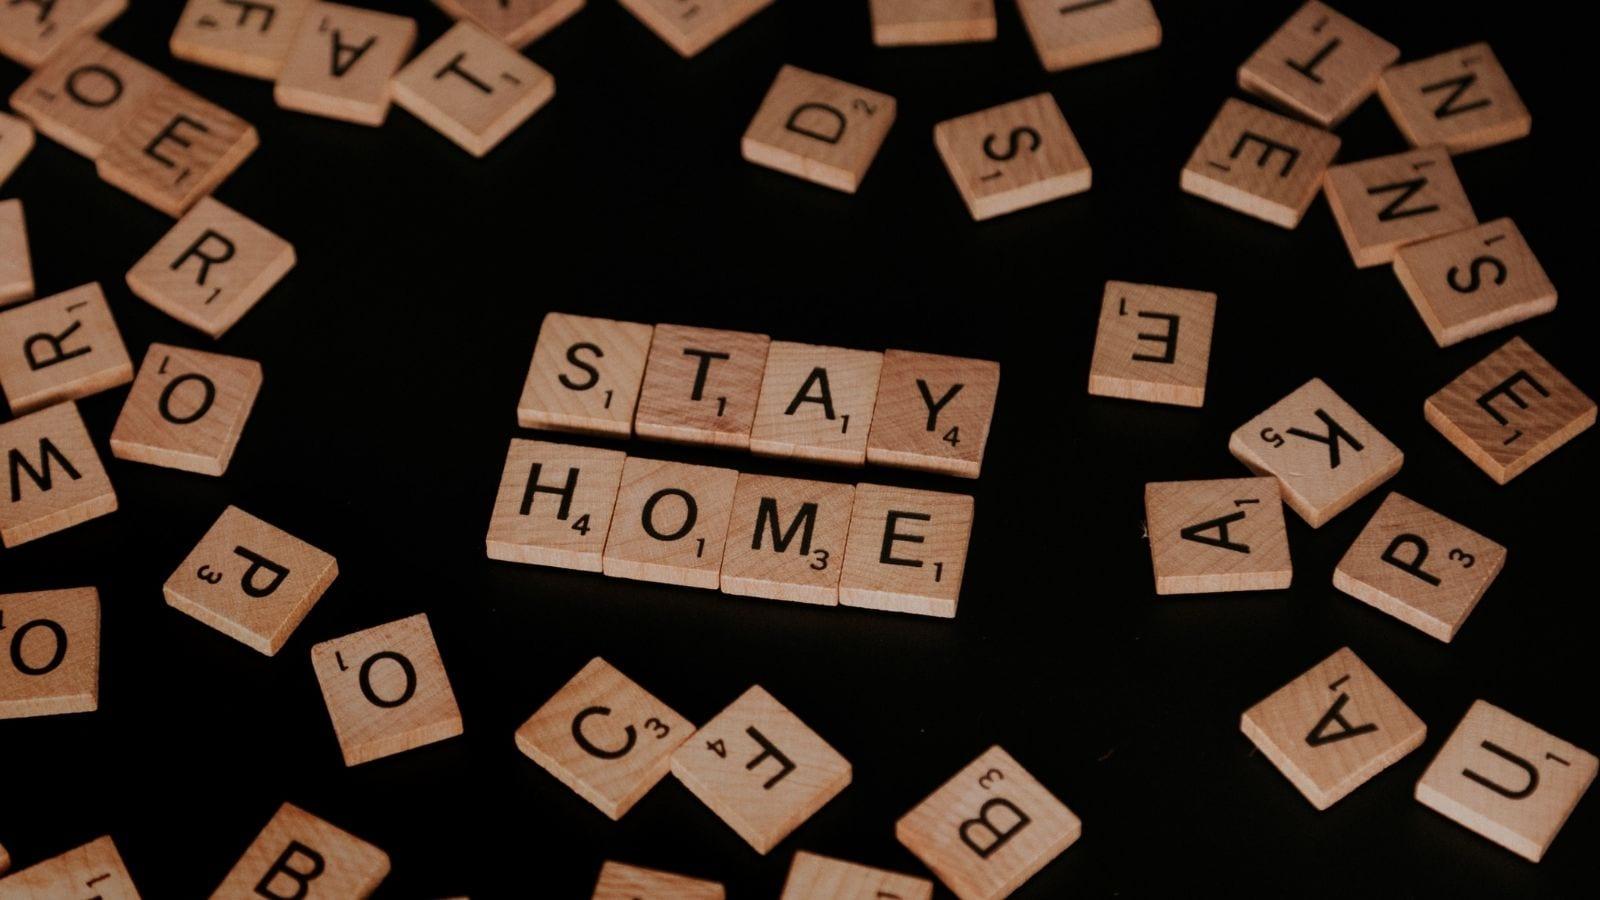 mediarun stay home COVID-19 Jak prowadzić działania sprzedażowe w czasie pandemii? [BADANIE]